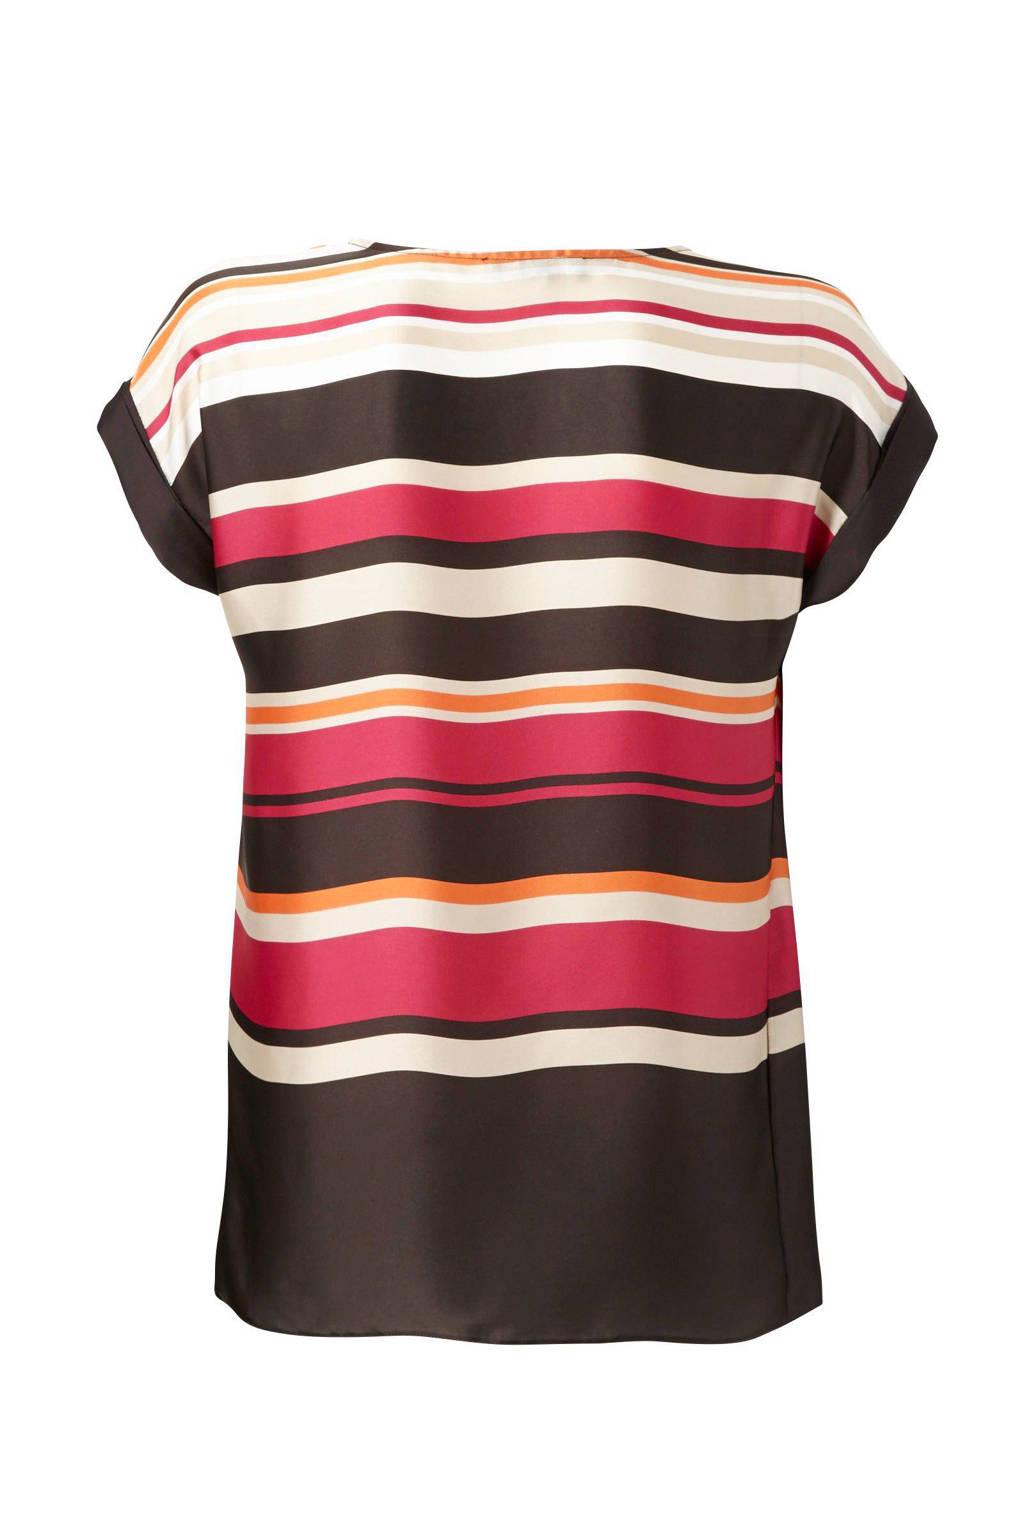 C&A Yessica Pure top, Bruin/roze/oranje